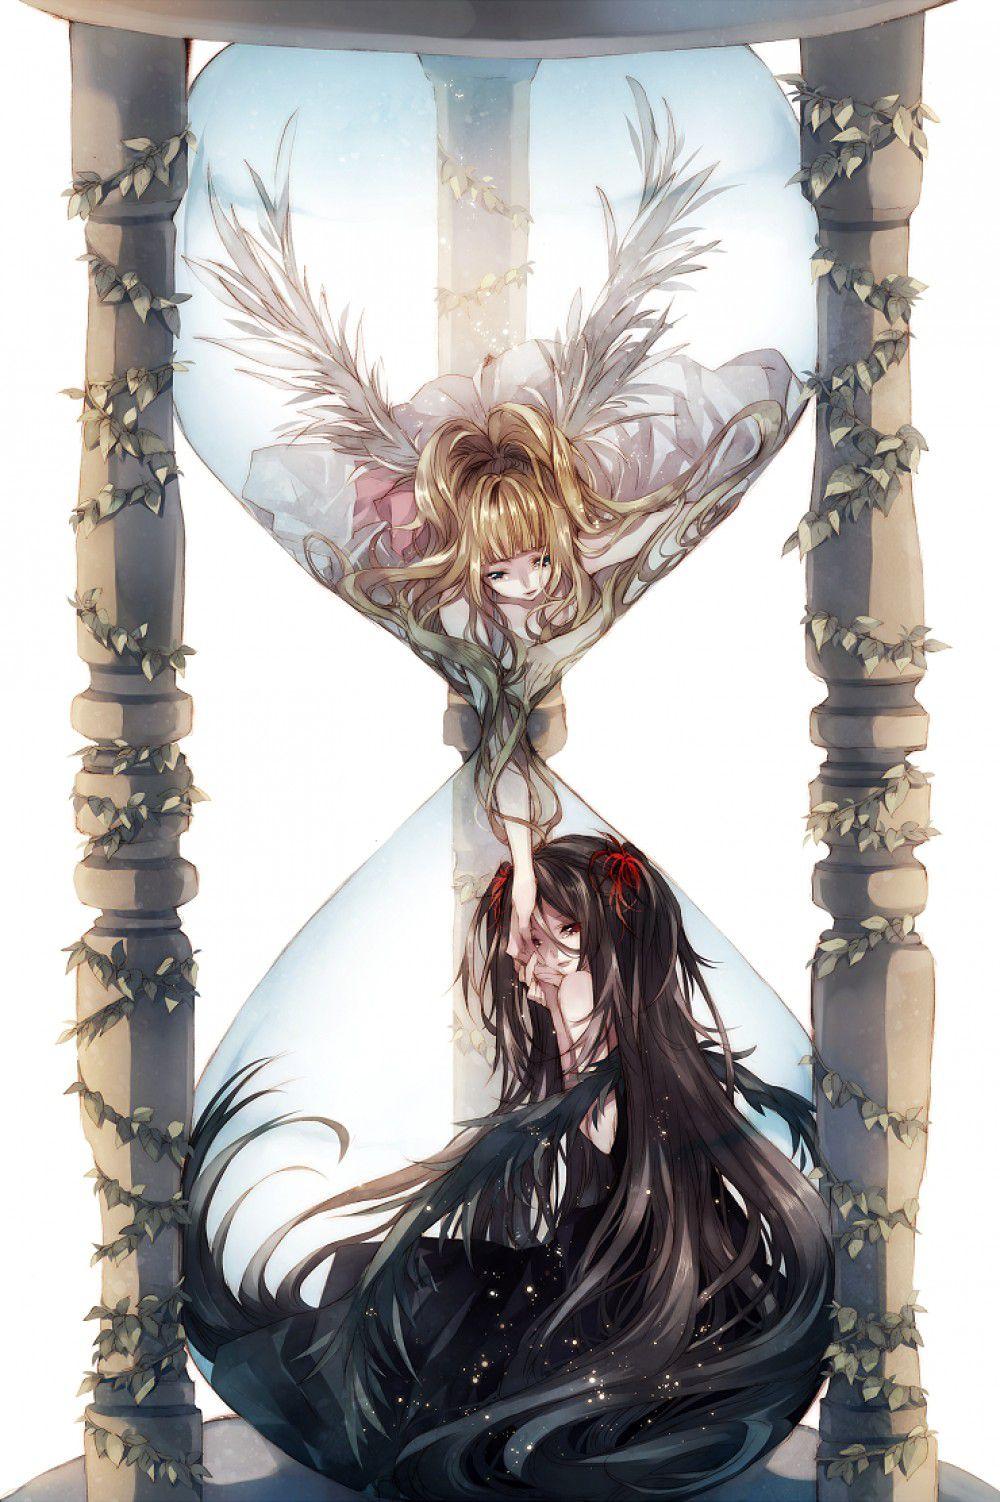 Ảnh Thiên thần và Ác Quỷ Anime trong đồng hồ cát